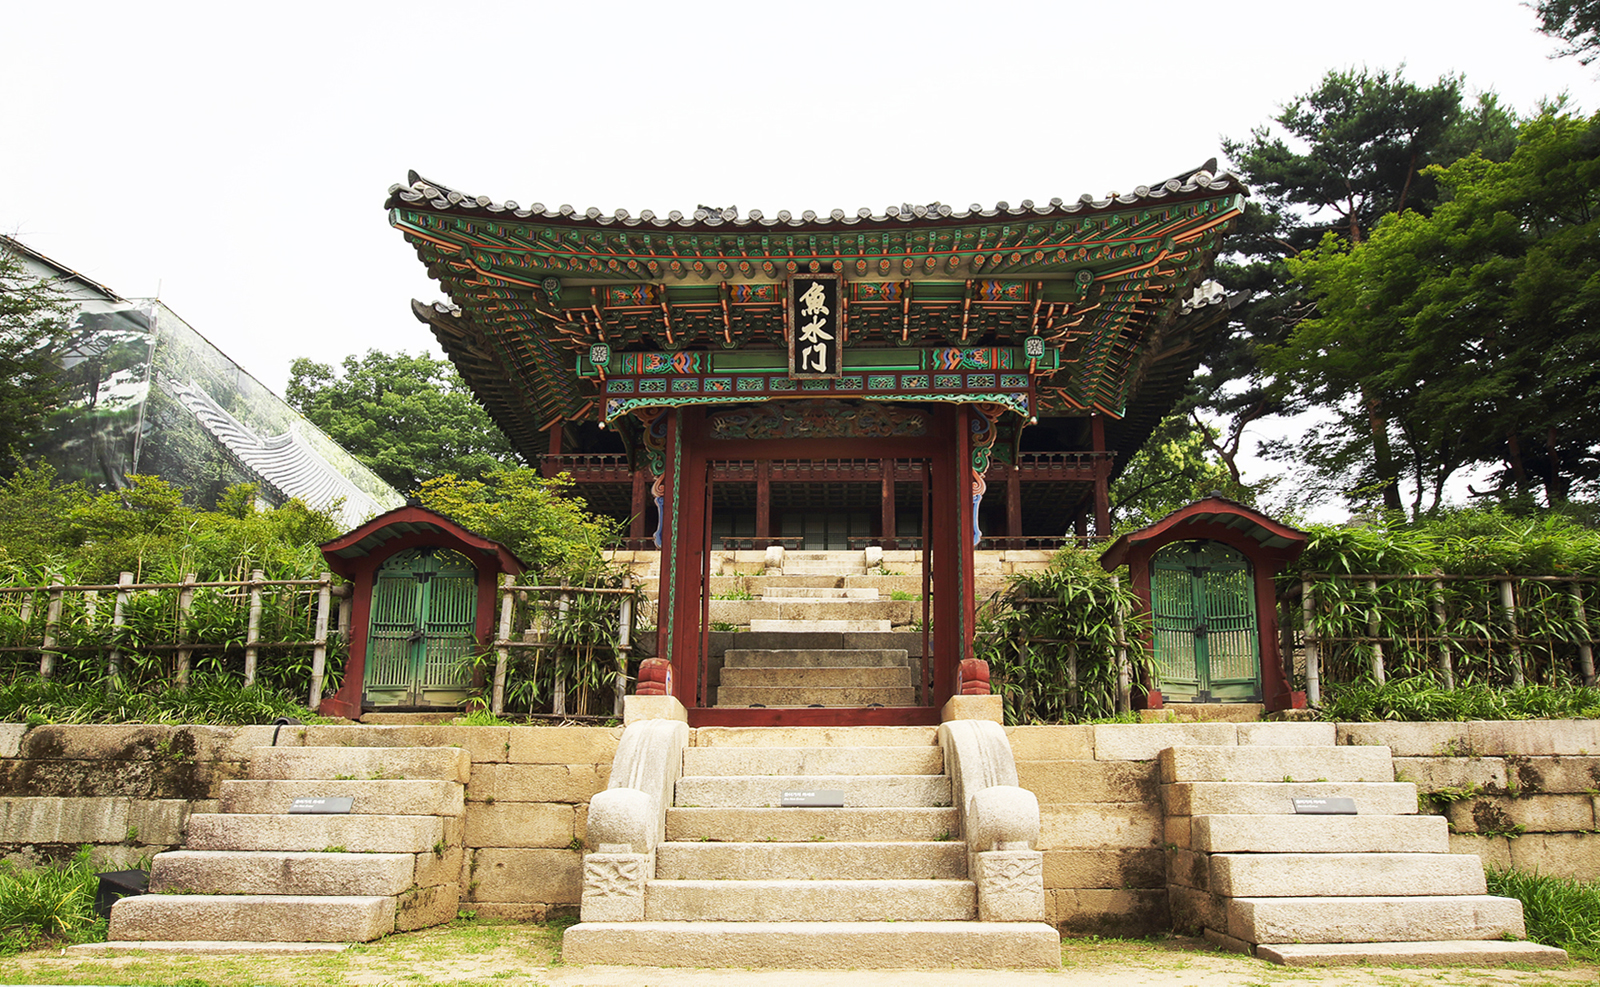 Mãn nhãn với nét đẹp huyền bí của khu vườn Biwon (Hàn Quốc)